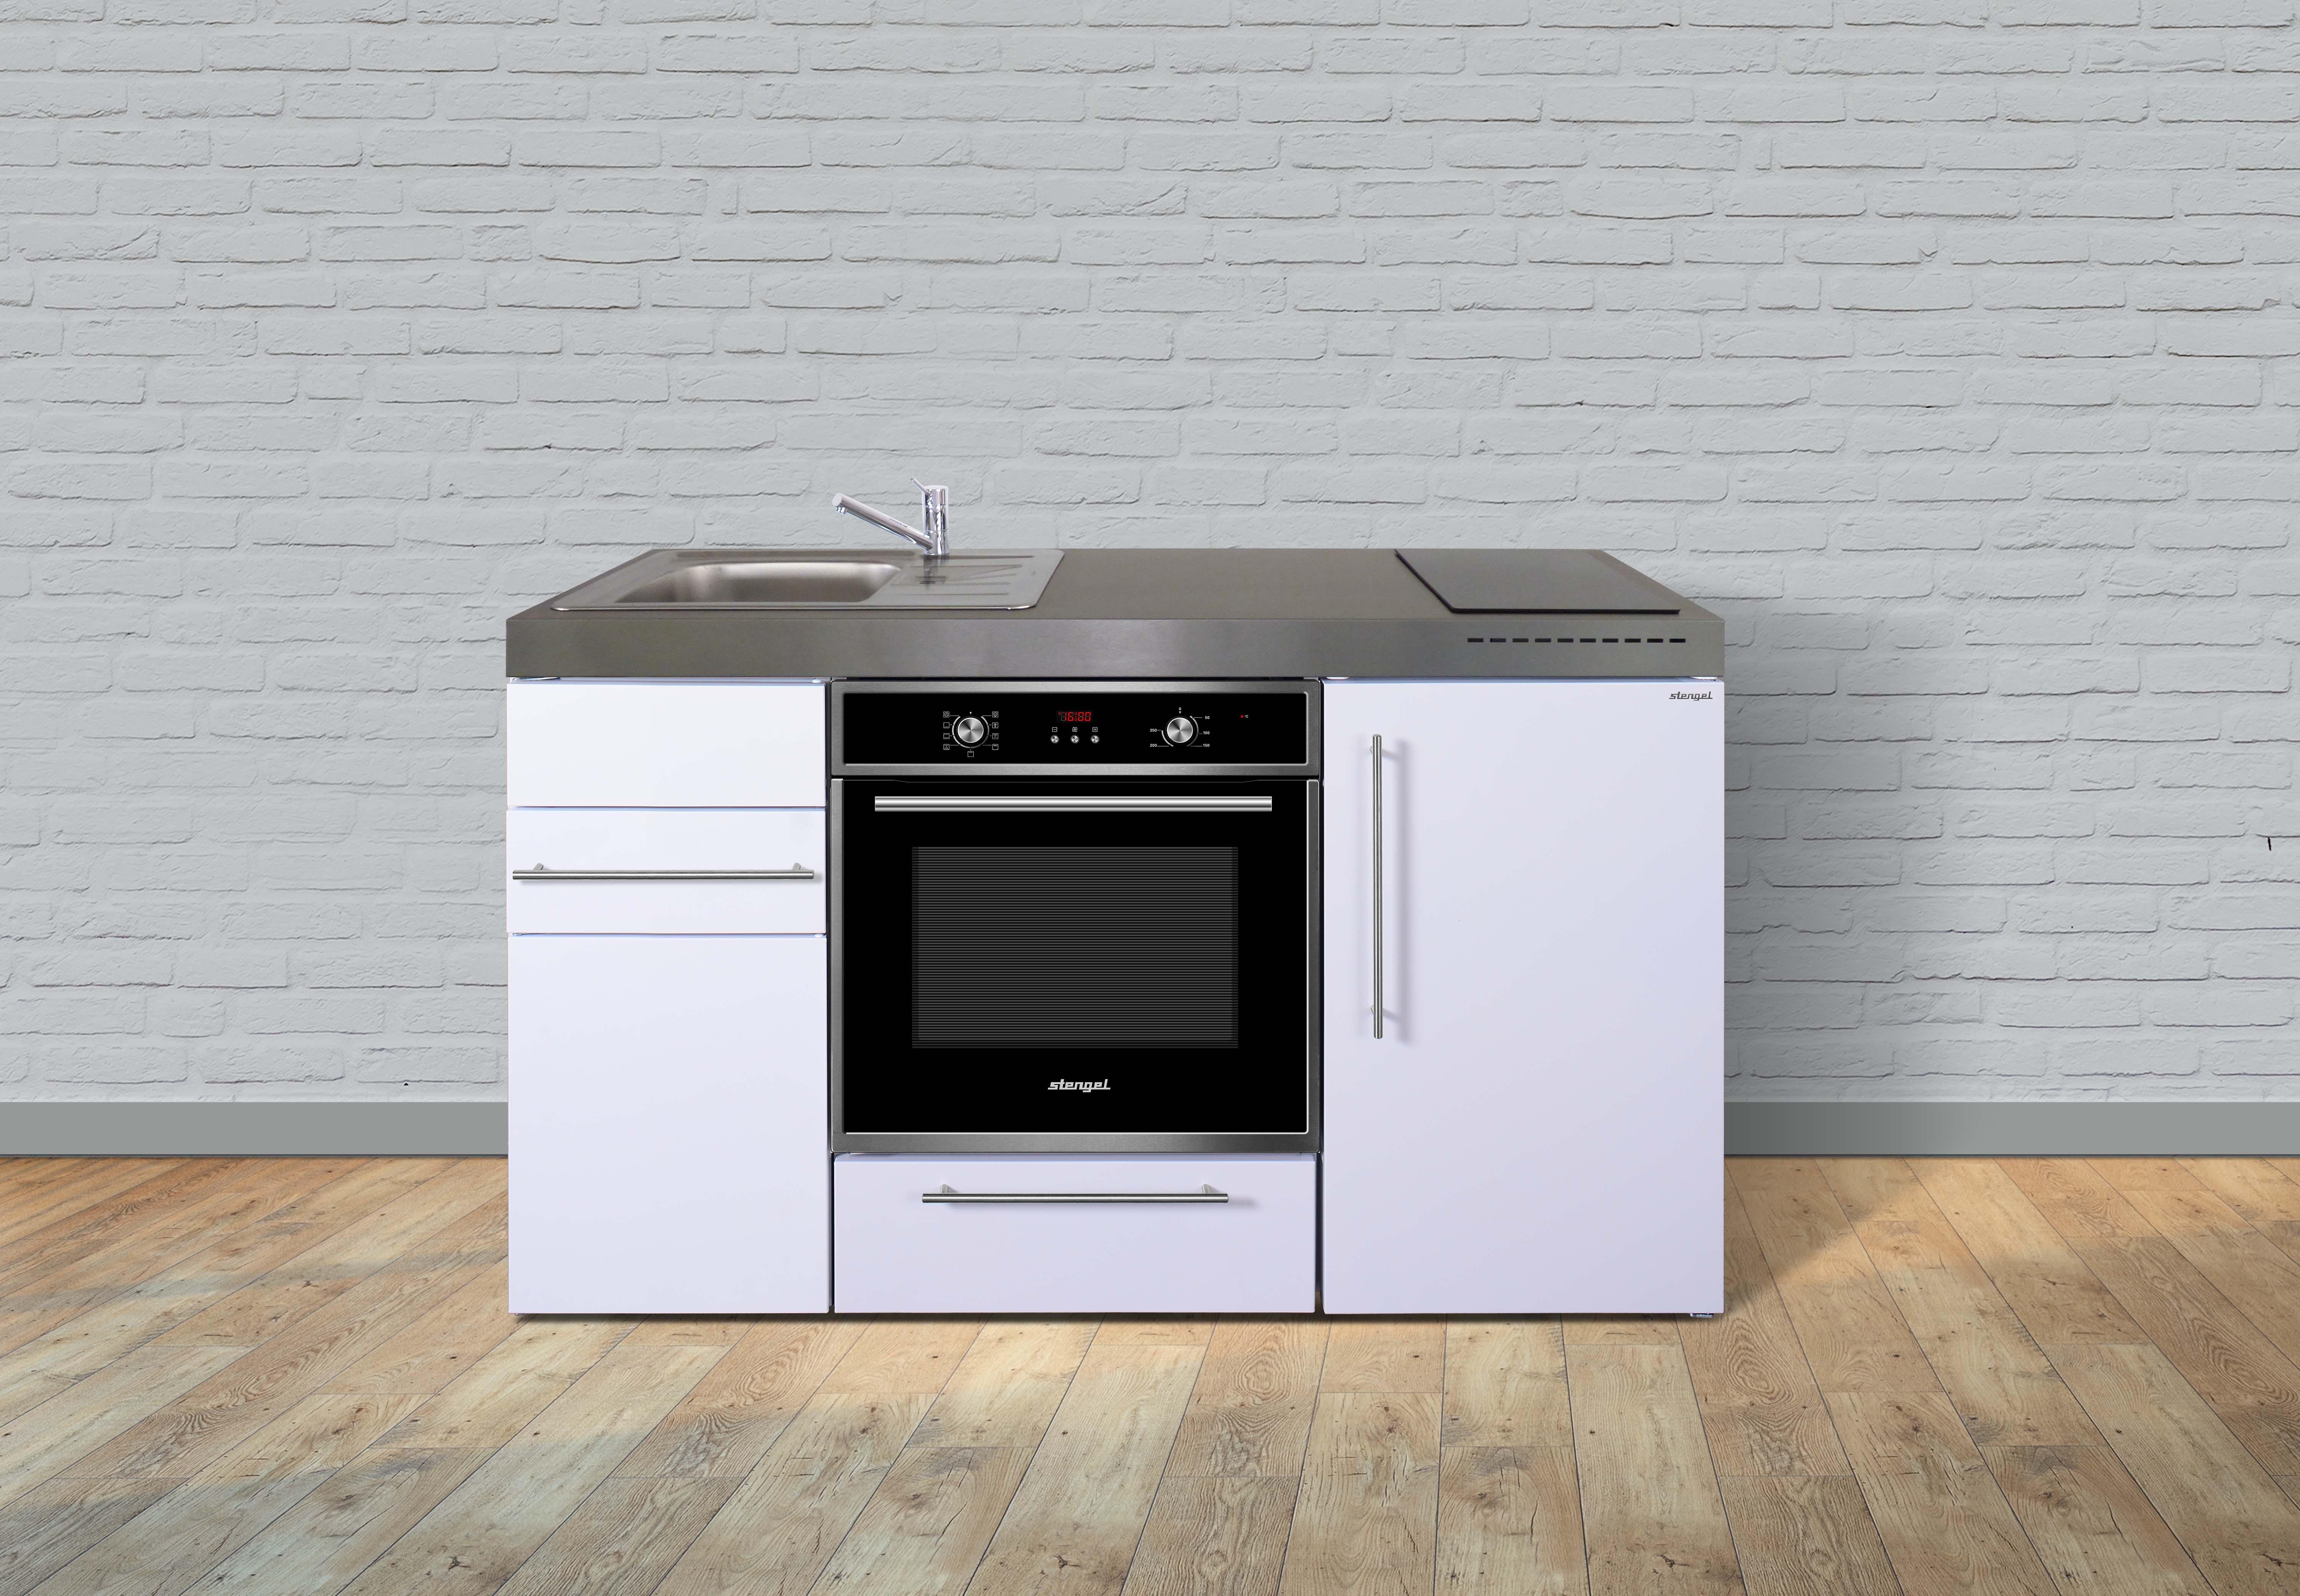 Miniküche Mit Kühlschrank Kaufen : Miniküche mit kühlschrank günstig kaufen bei miniküchen online